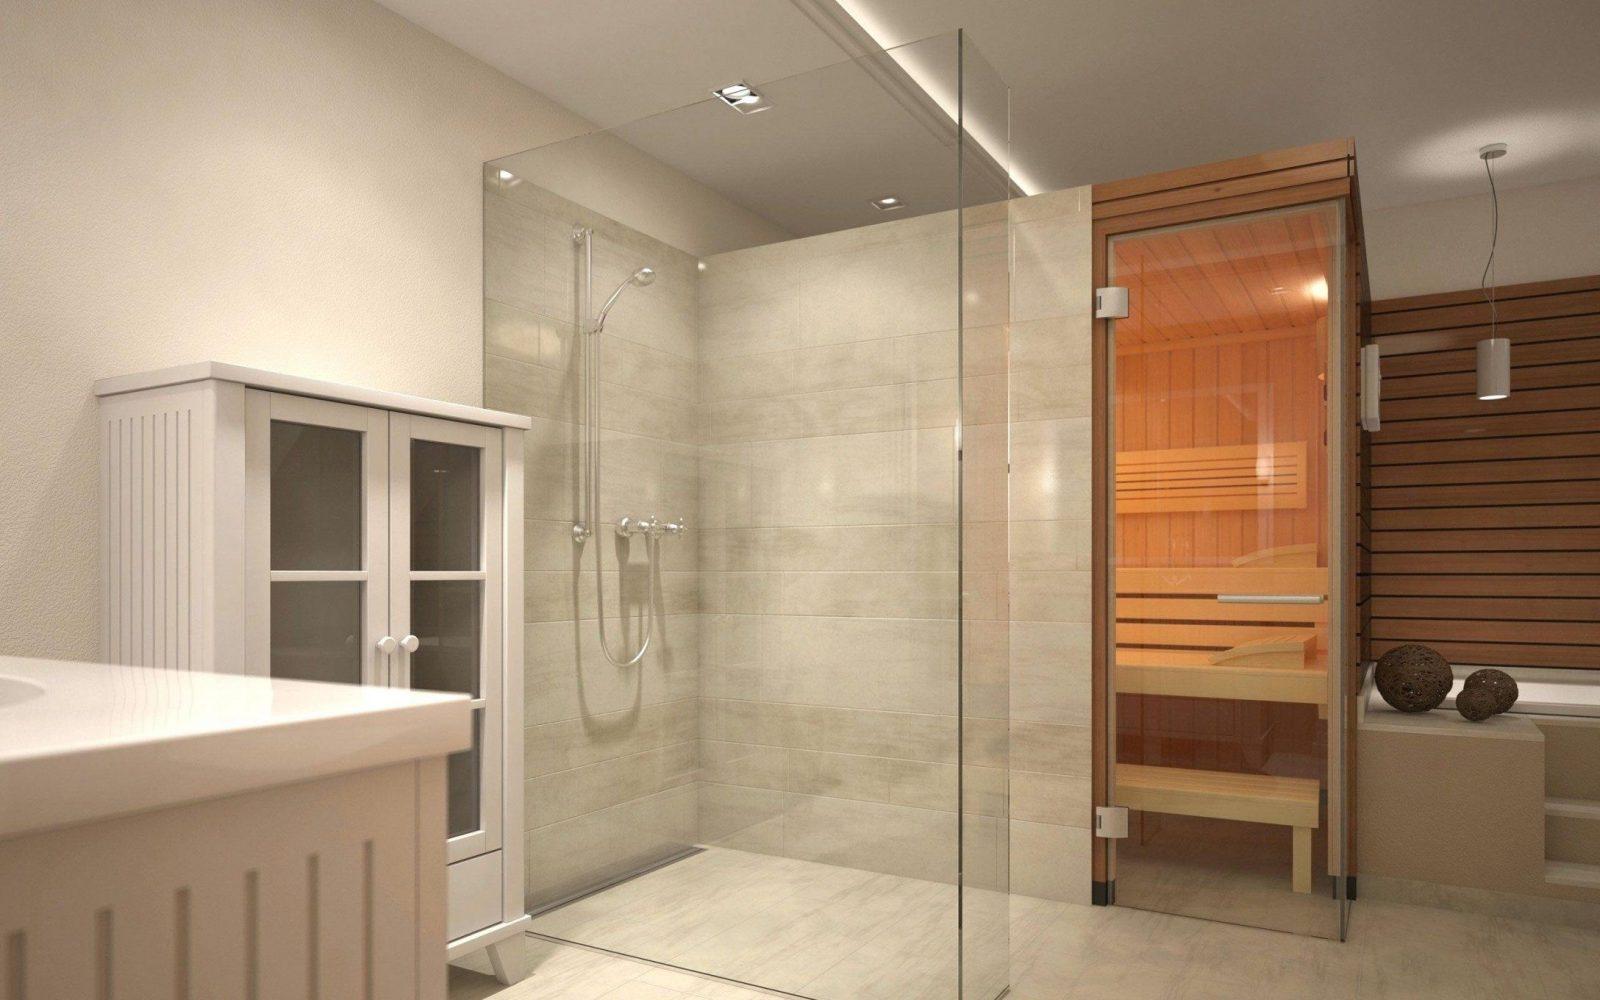 Sauna Im Keller Anzeige Abluft Einbauen Selber Bauen von Sauna Im Keller Selber Bauen Bild